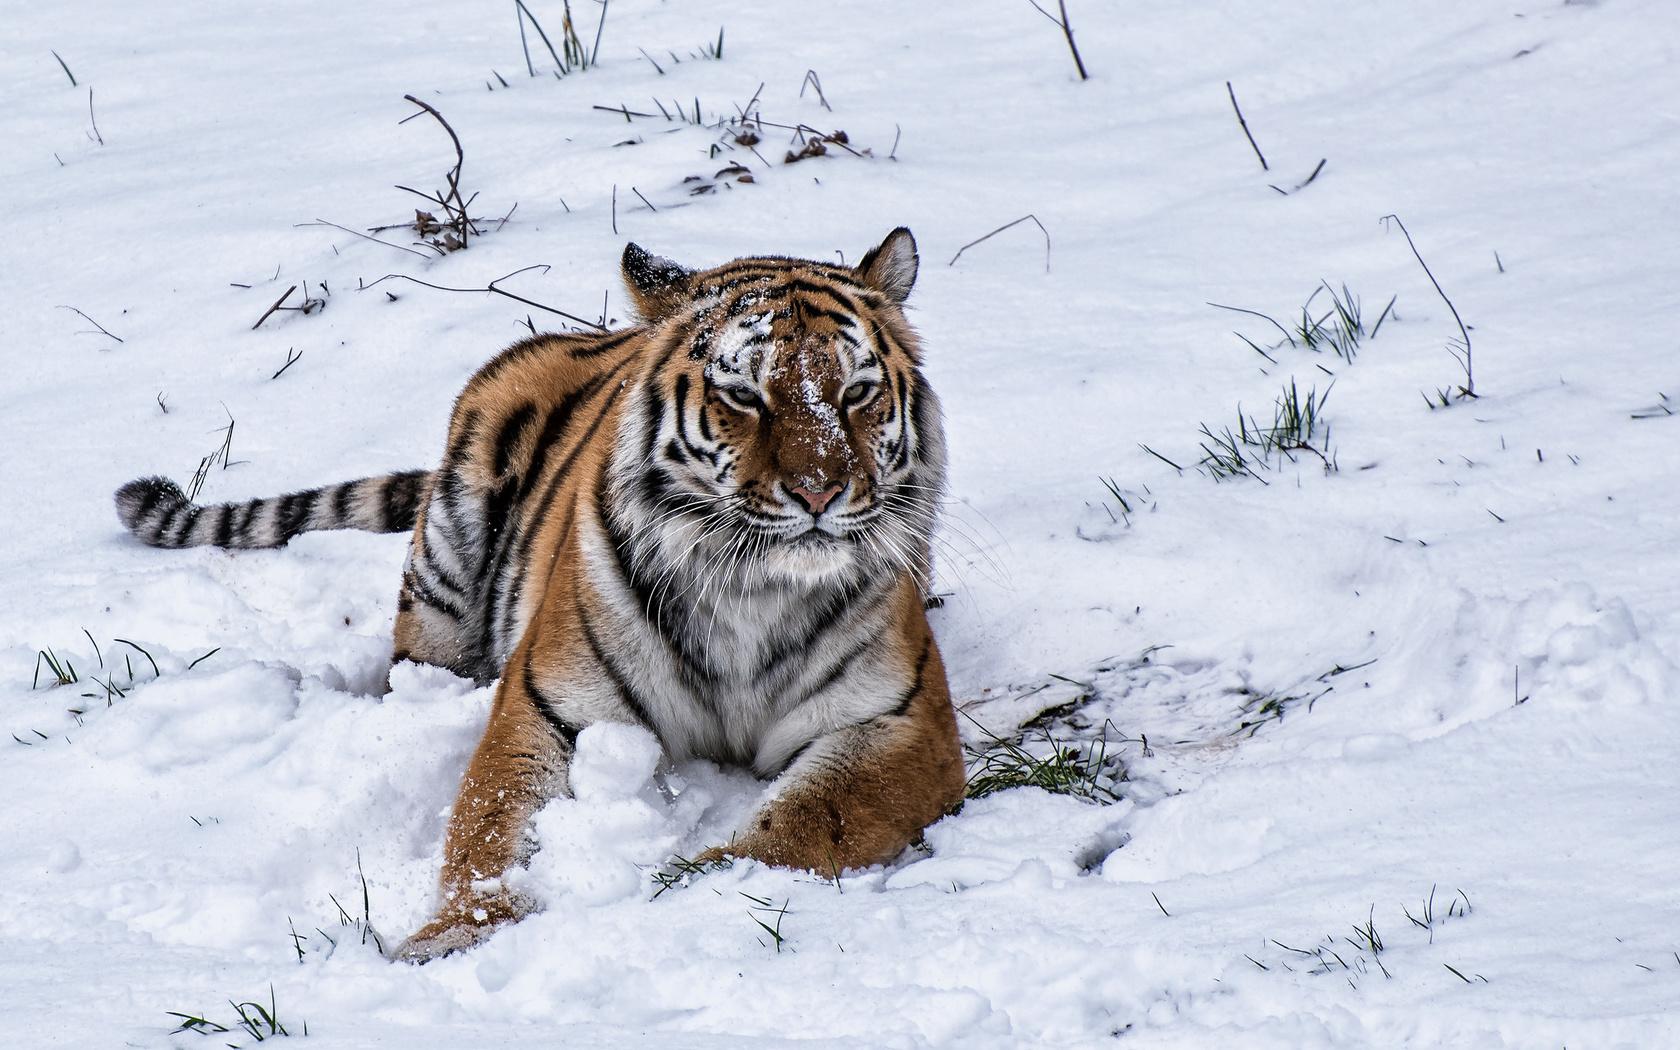 зима, тигр, хищник, животное, большая кошка, взгляд